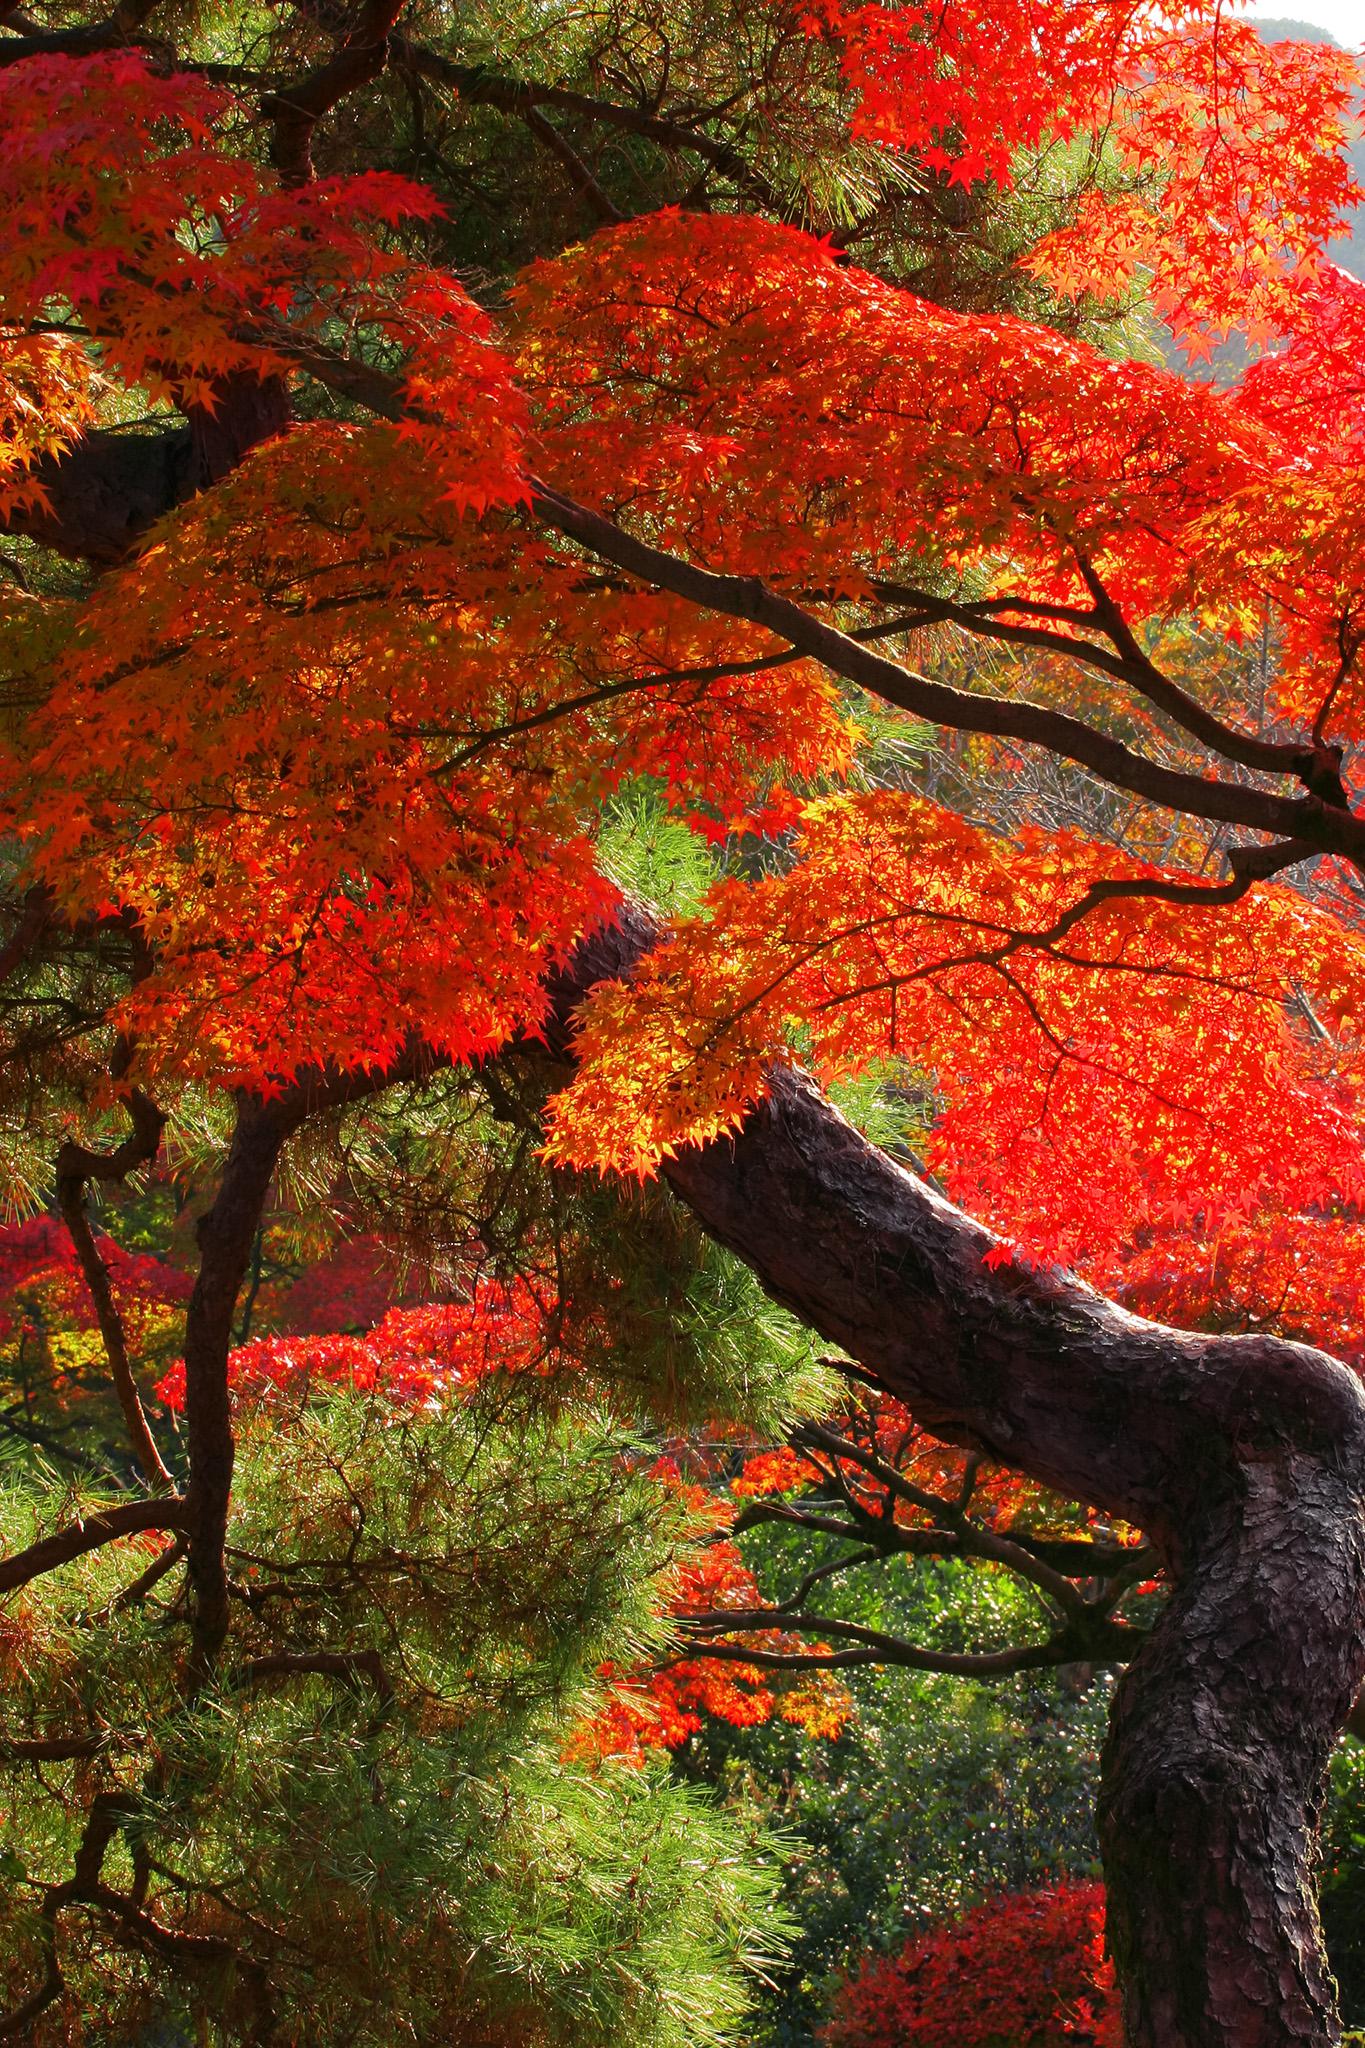 「紅葉と松の日本の秋」